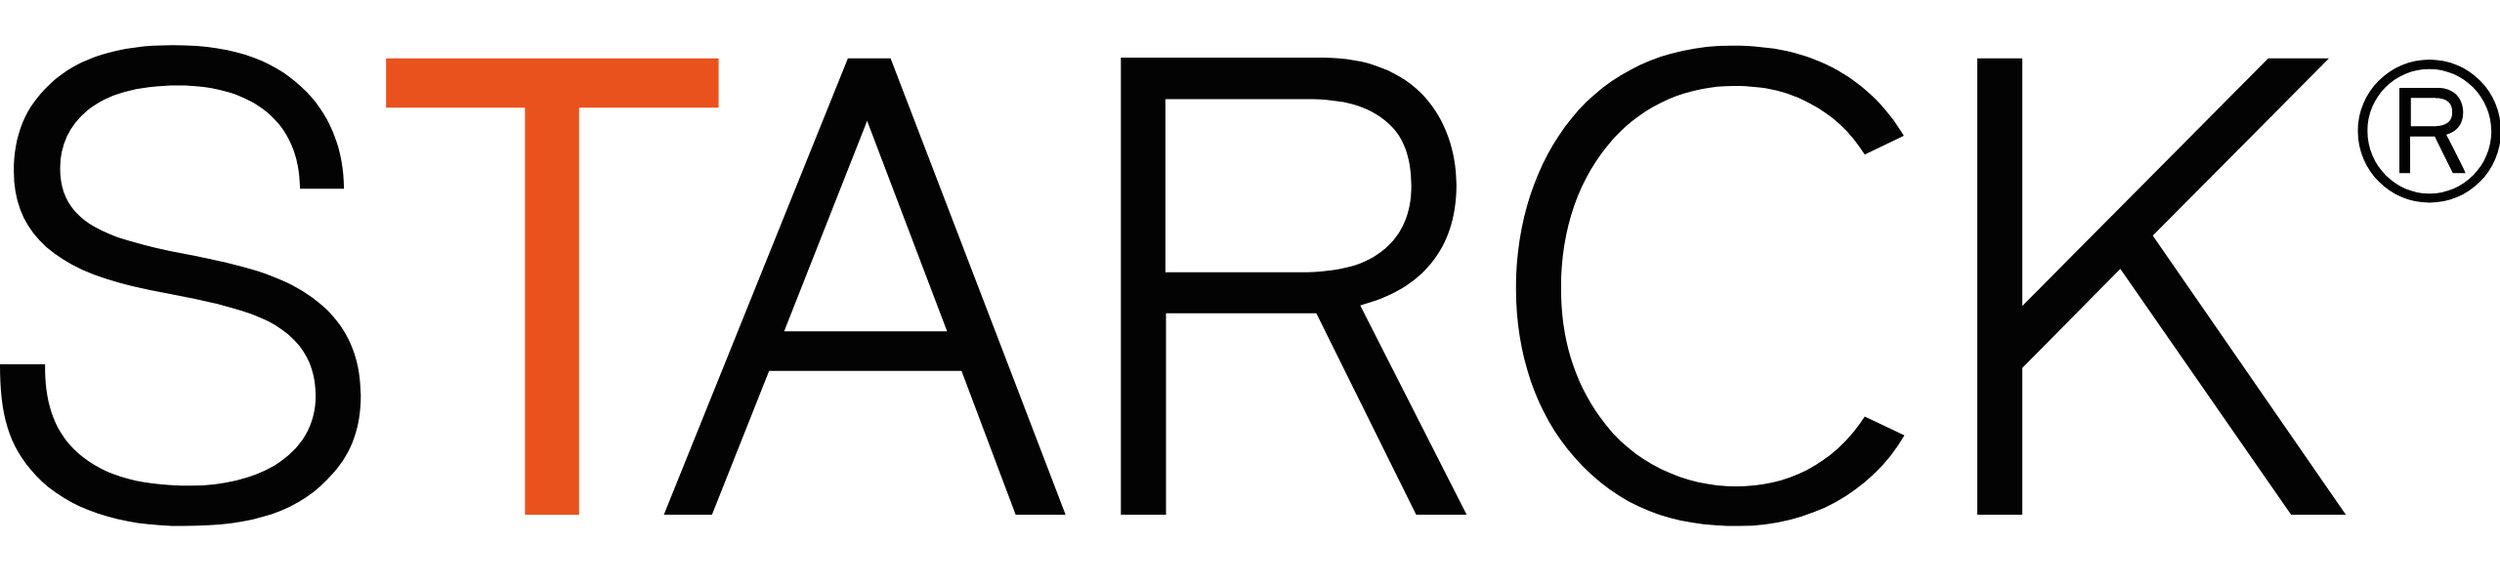 Philippe Starck.jpg